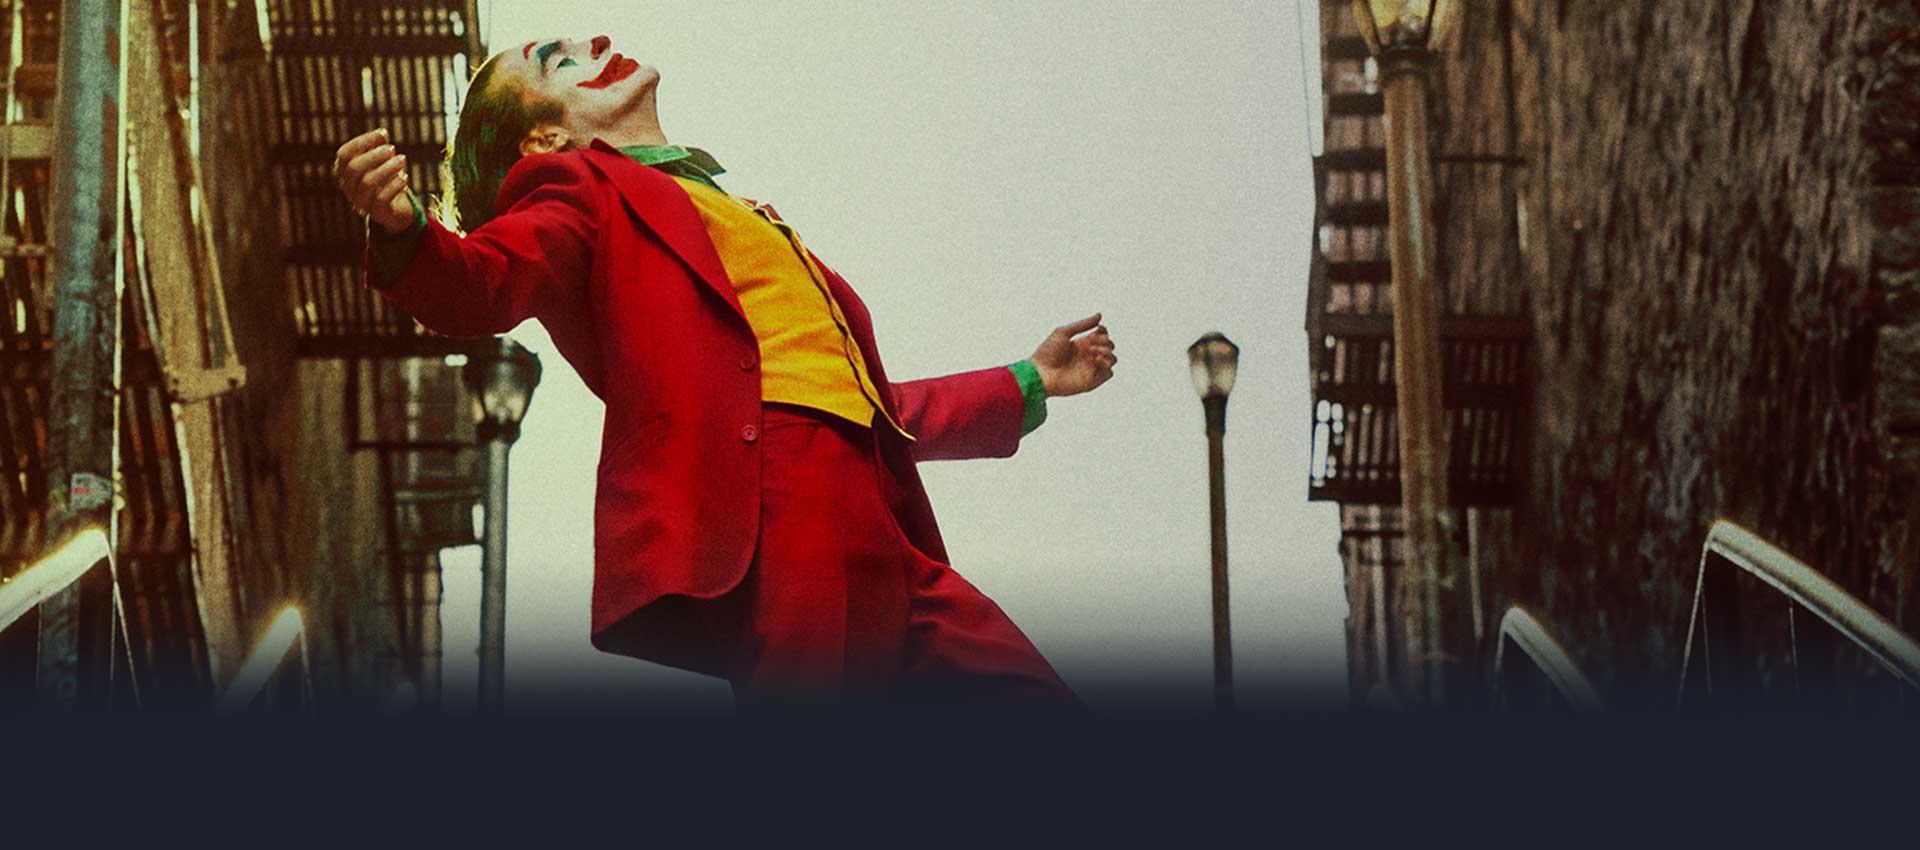 Joker İzle türkçe izle hd izle